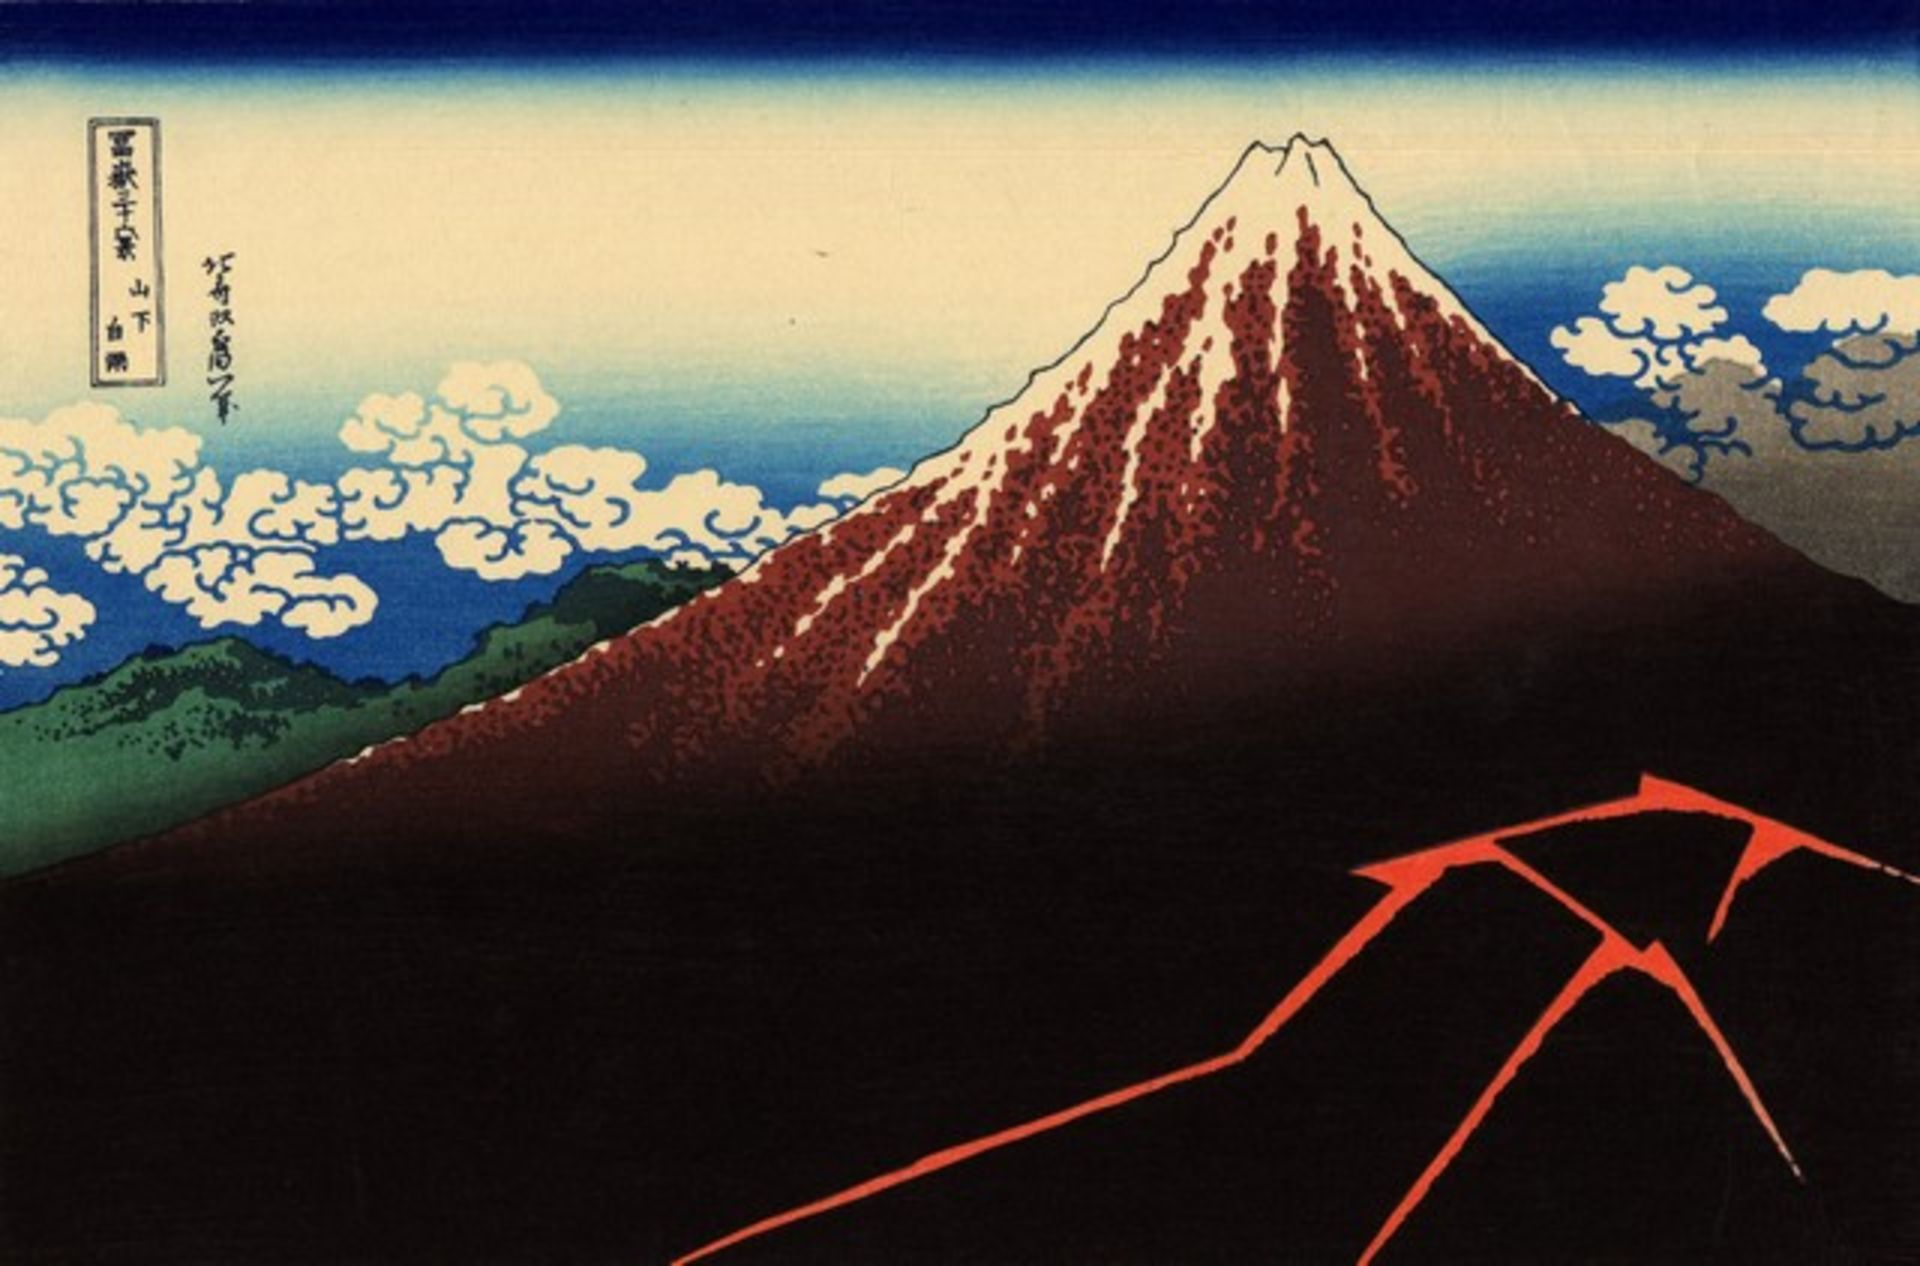 Hokusai - Lightning Below the Summit